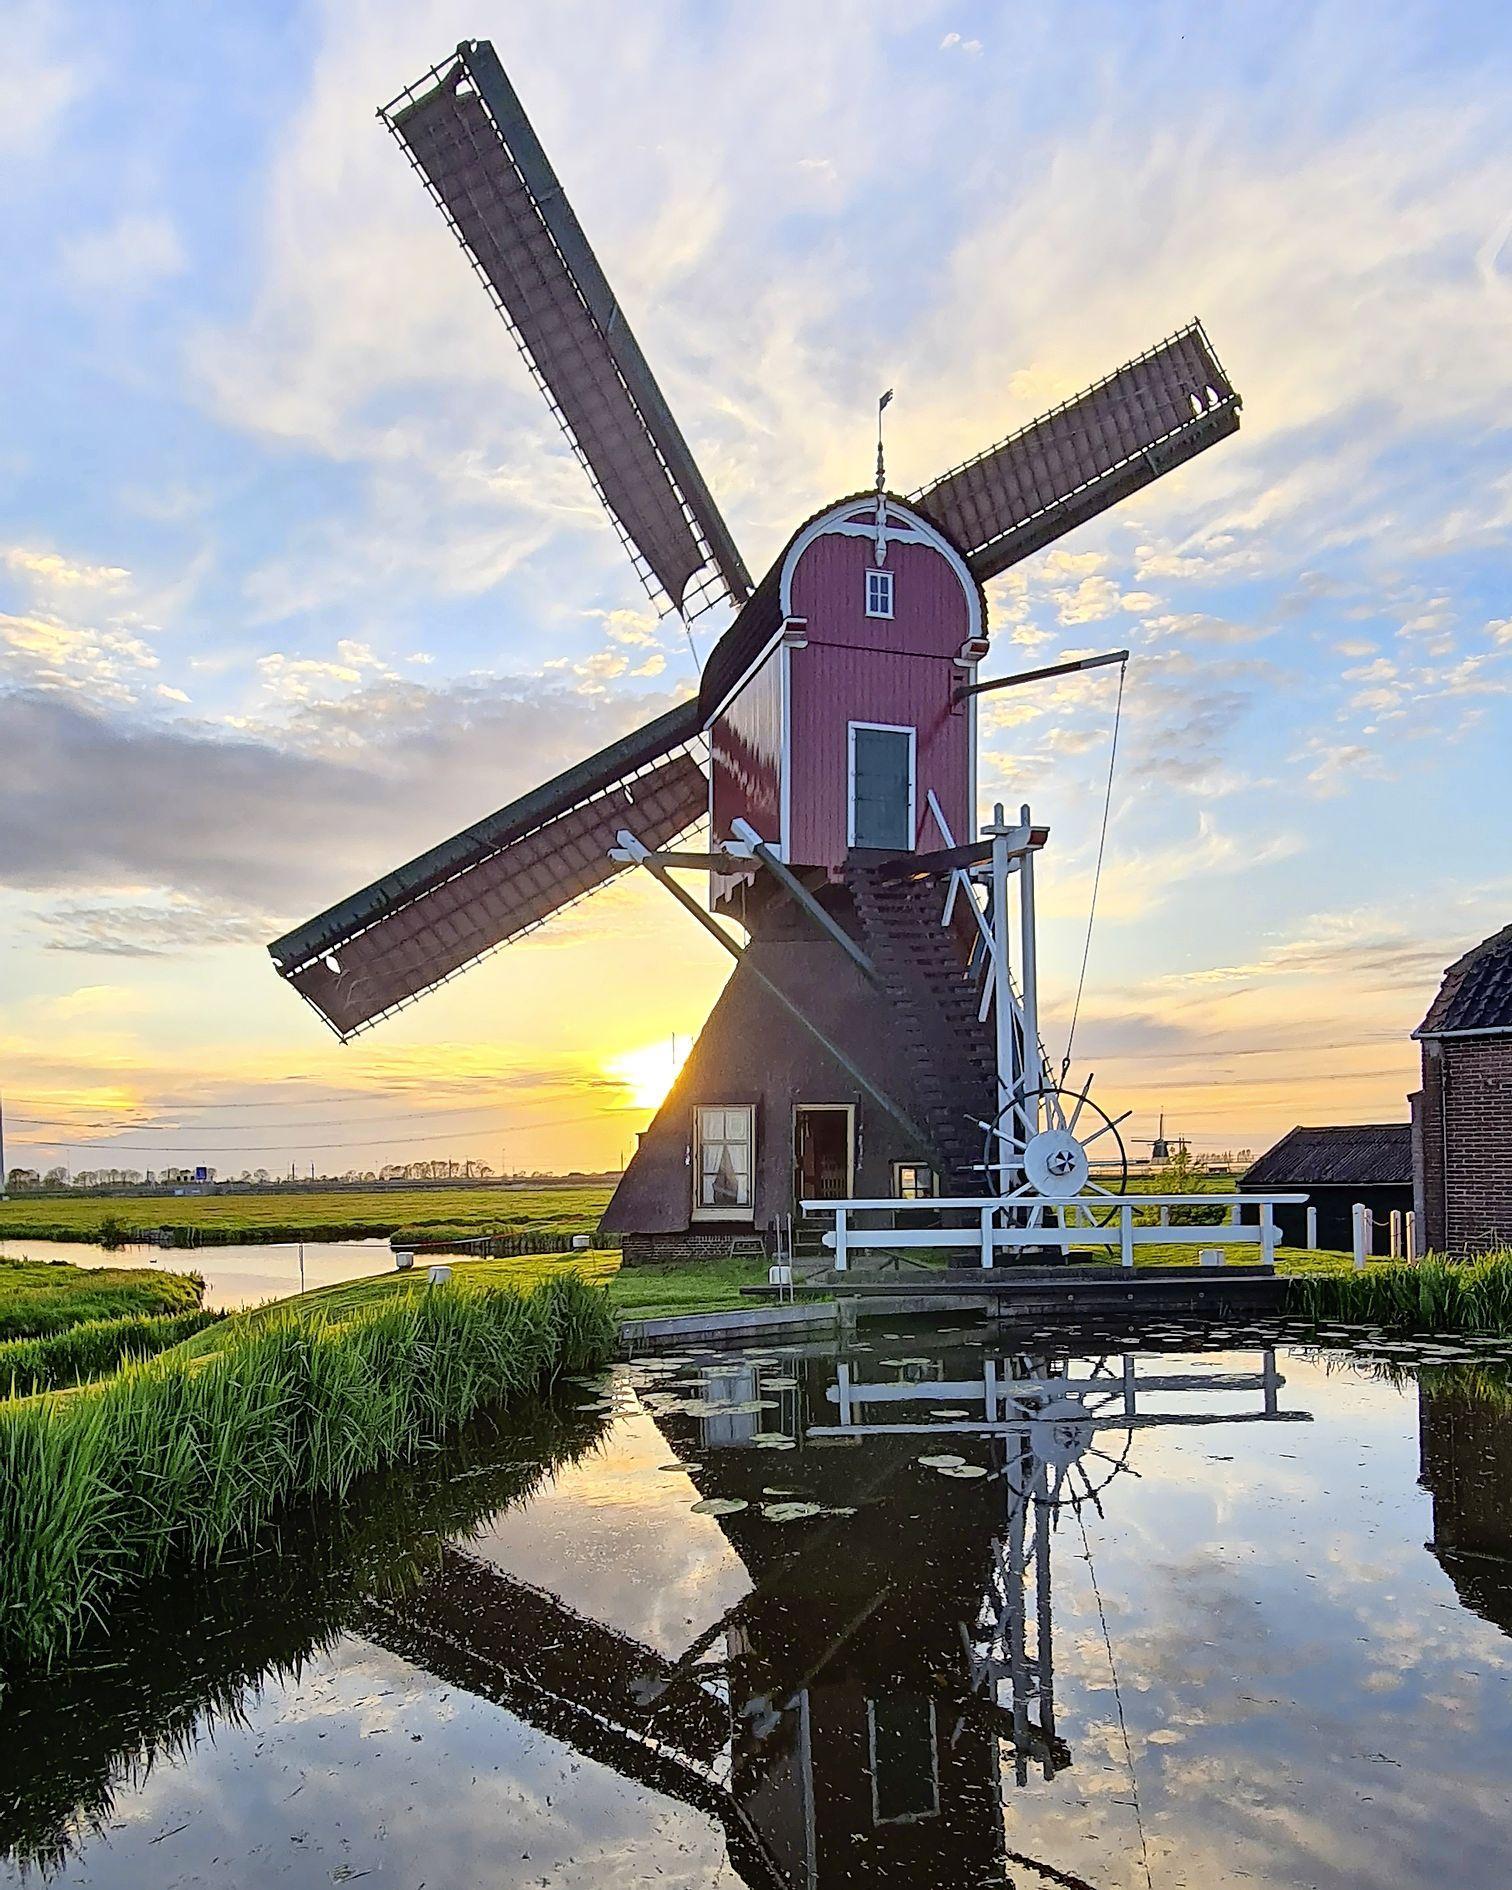 Ruud Bax valt in de prijzen met foto van de hoogsteigen molen 'De Heerlijkheid' bij Hoogmade